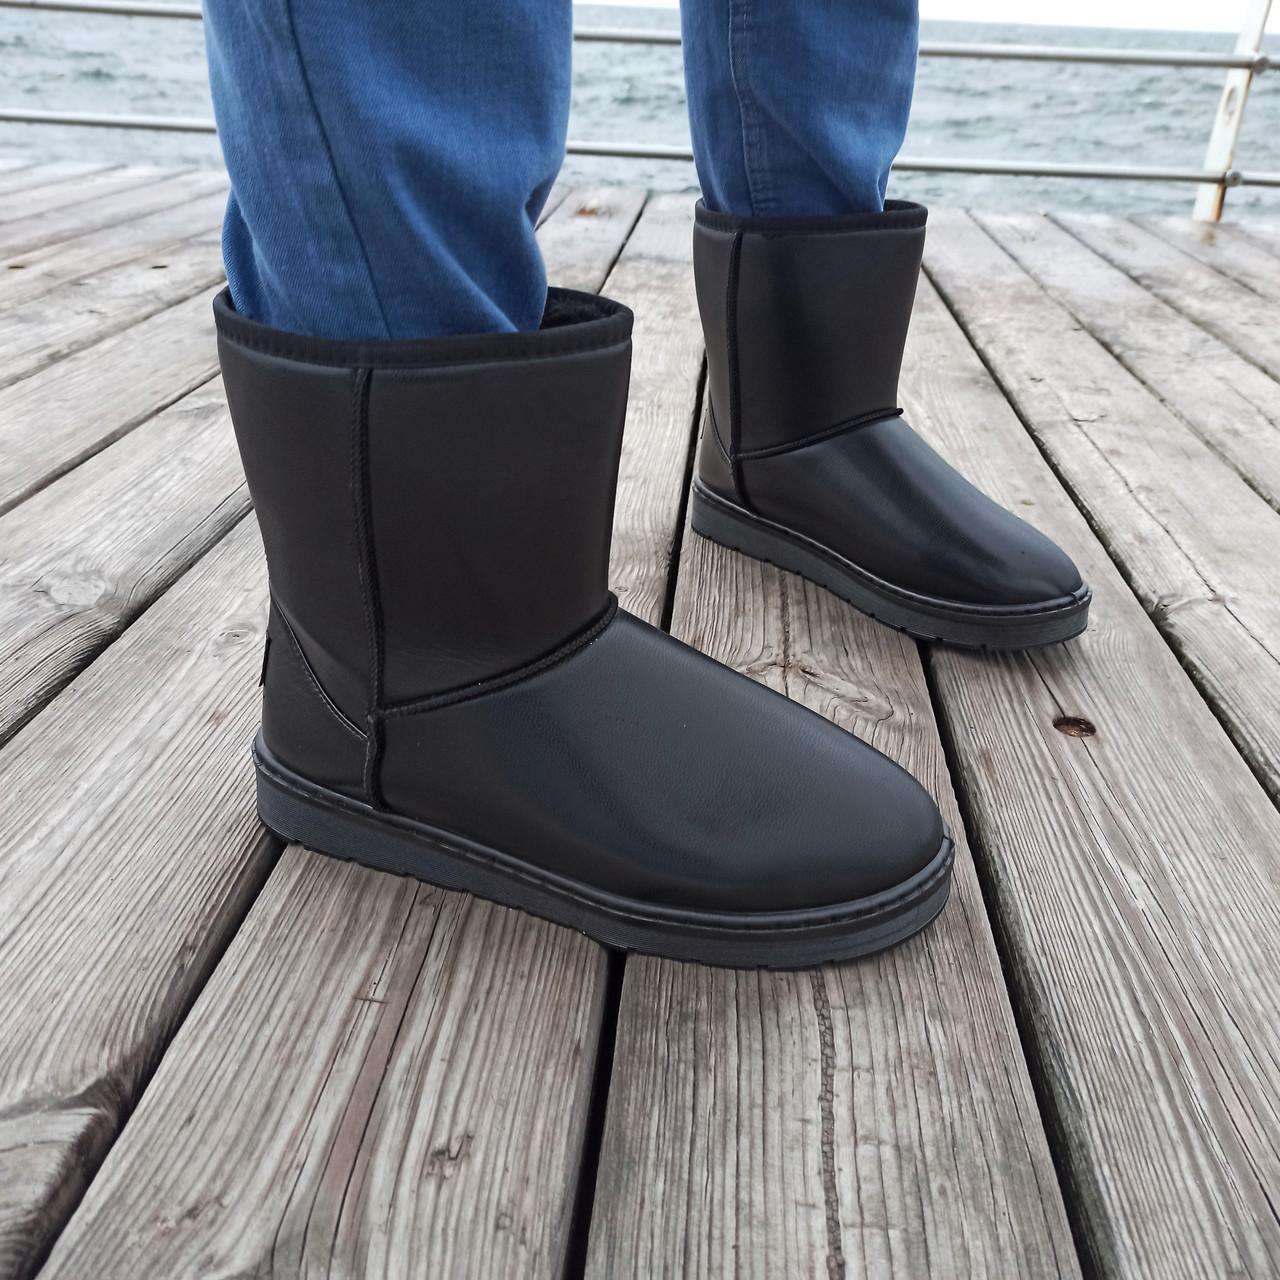 Угги черные мужские UGG эко кожа кожаные высокие ботинки сапоги зимние